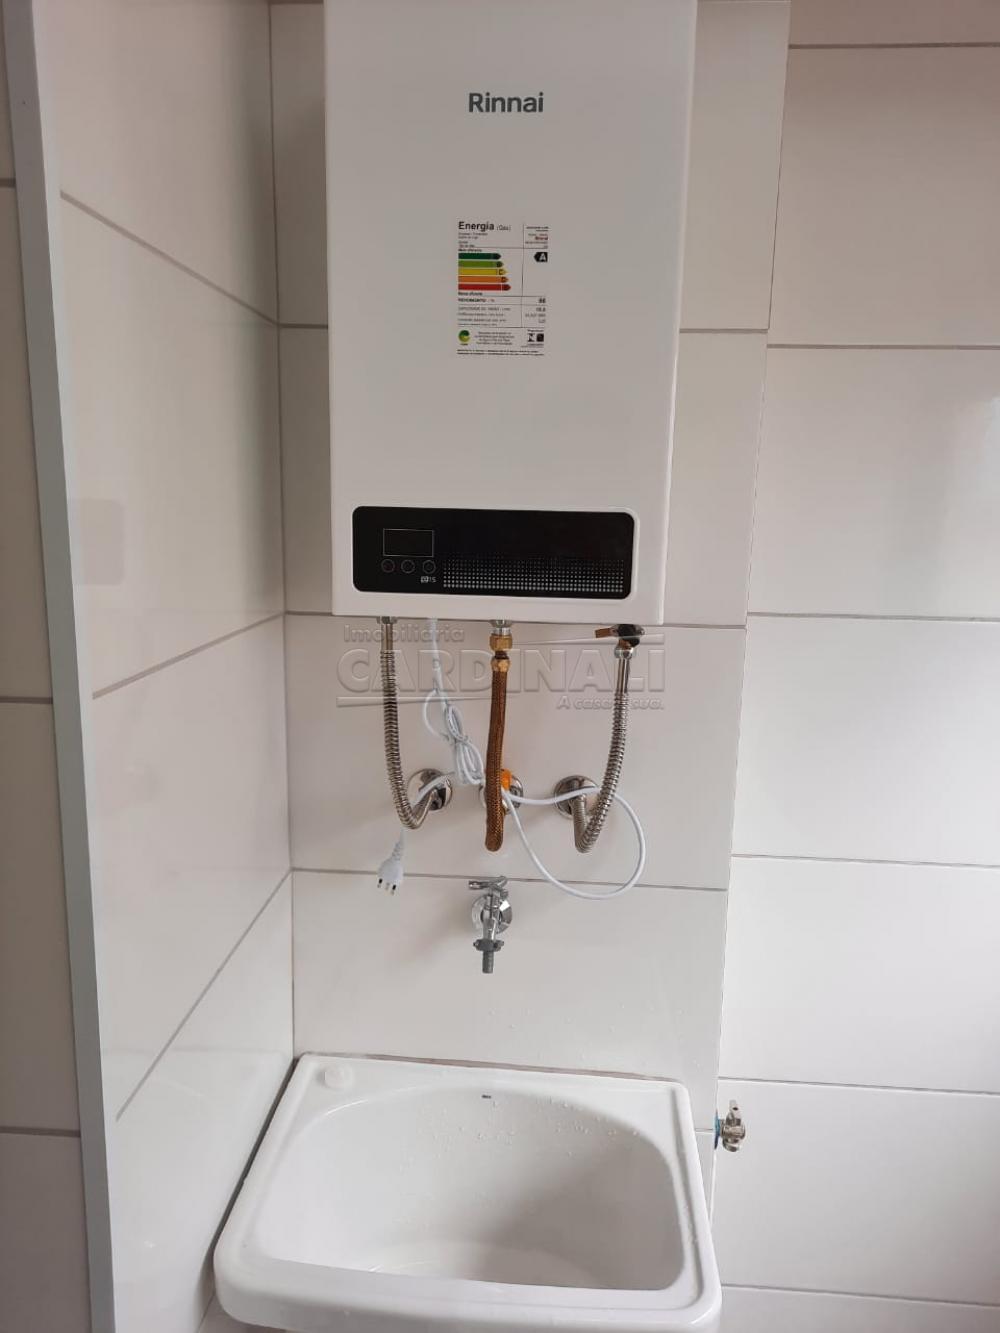 Alugar Apartamento / Padrão em São Carlos R$ 1.800,00 - Foto 20